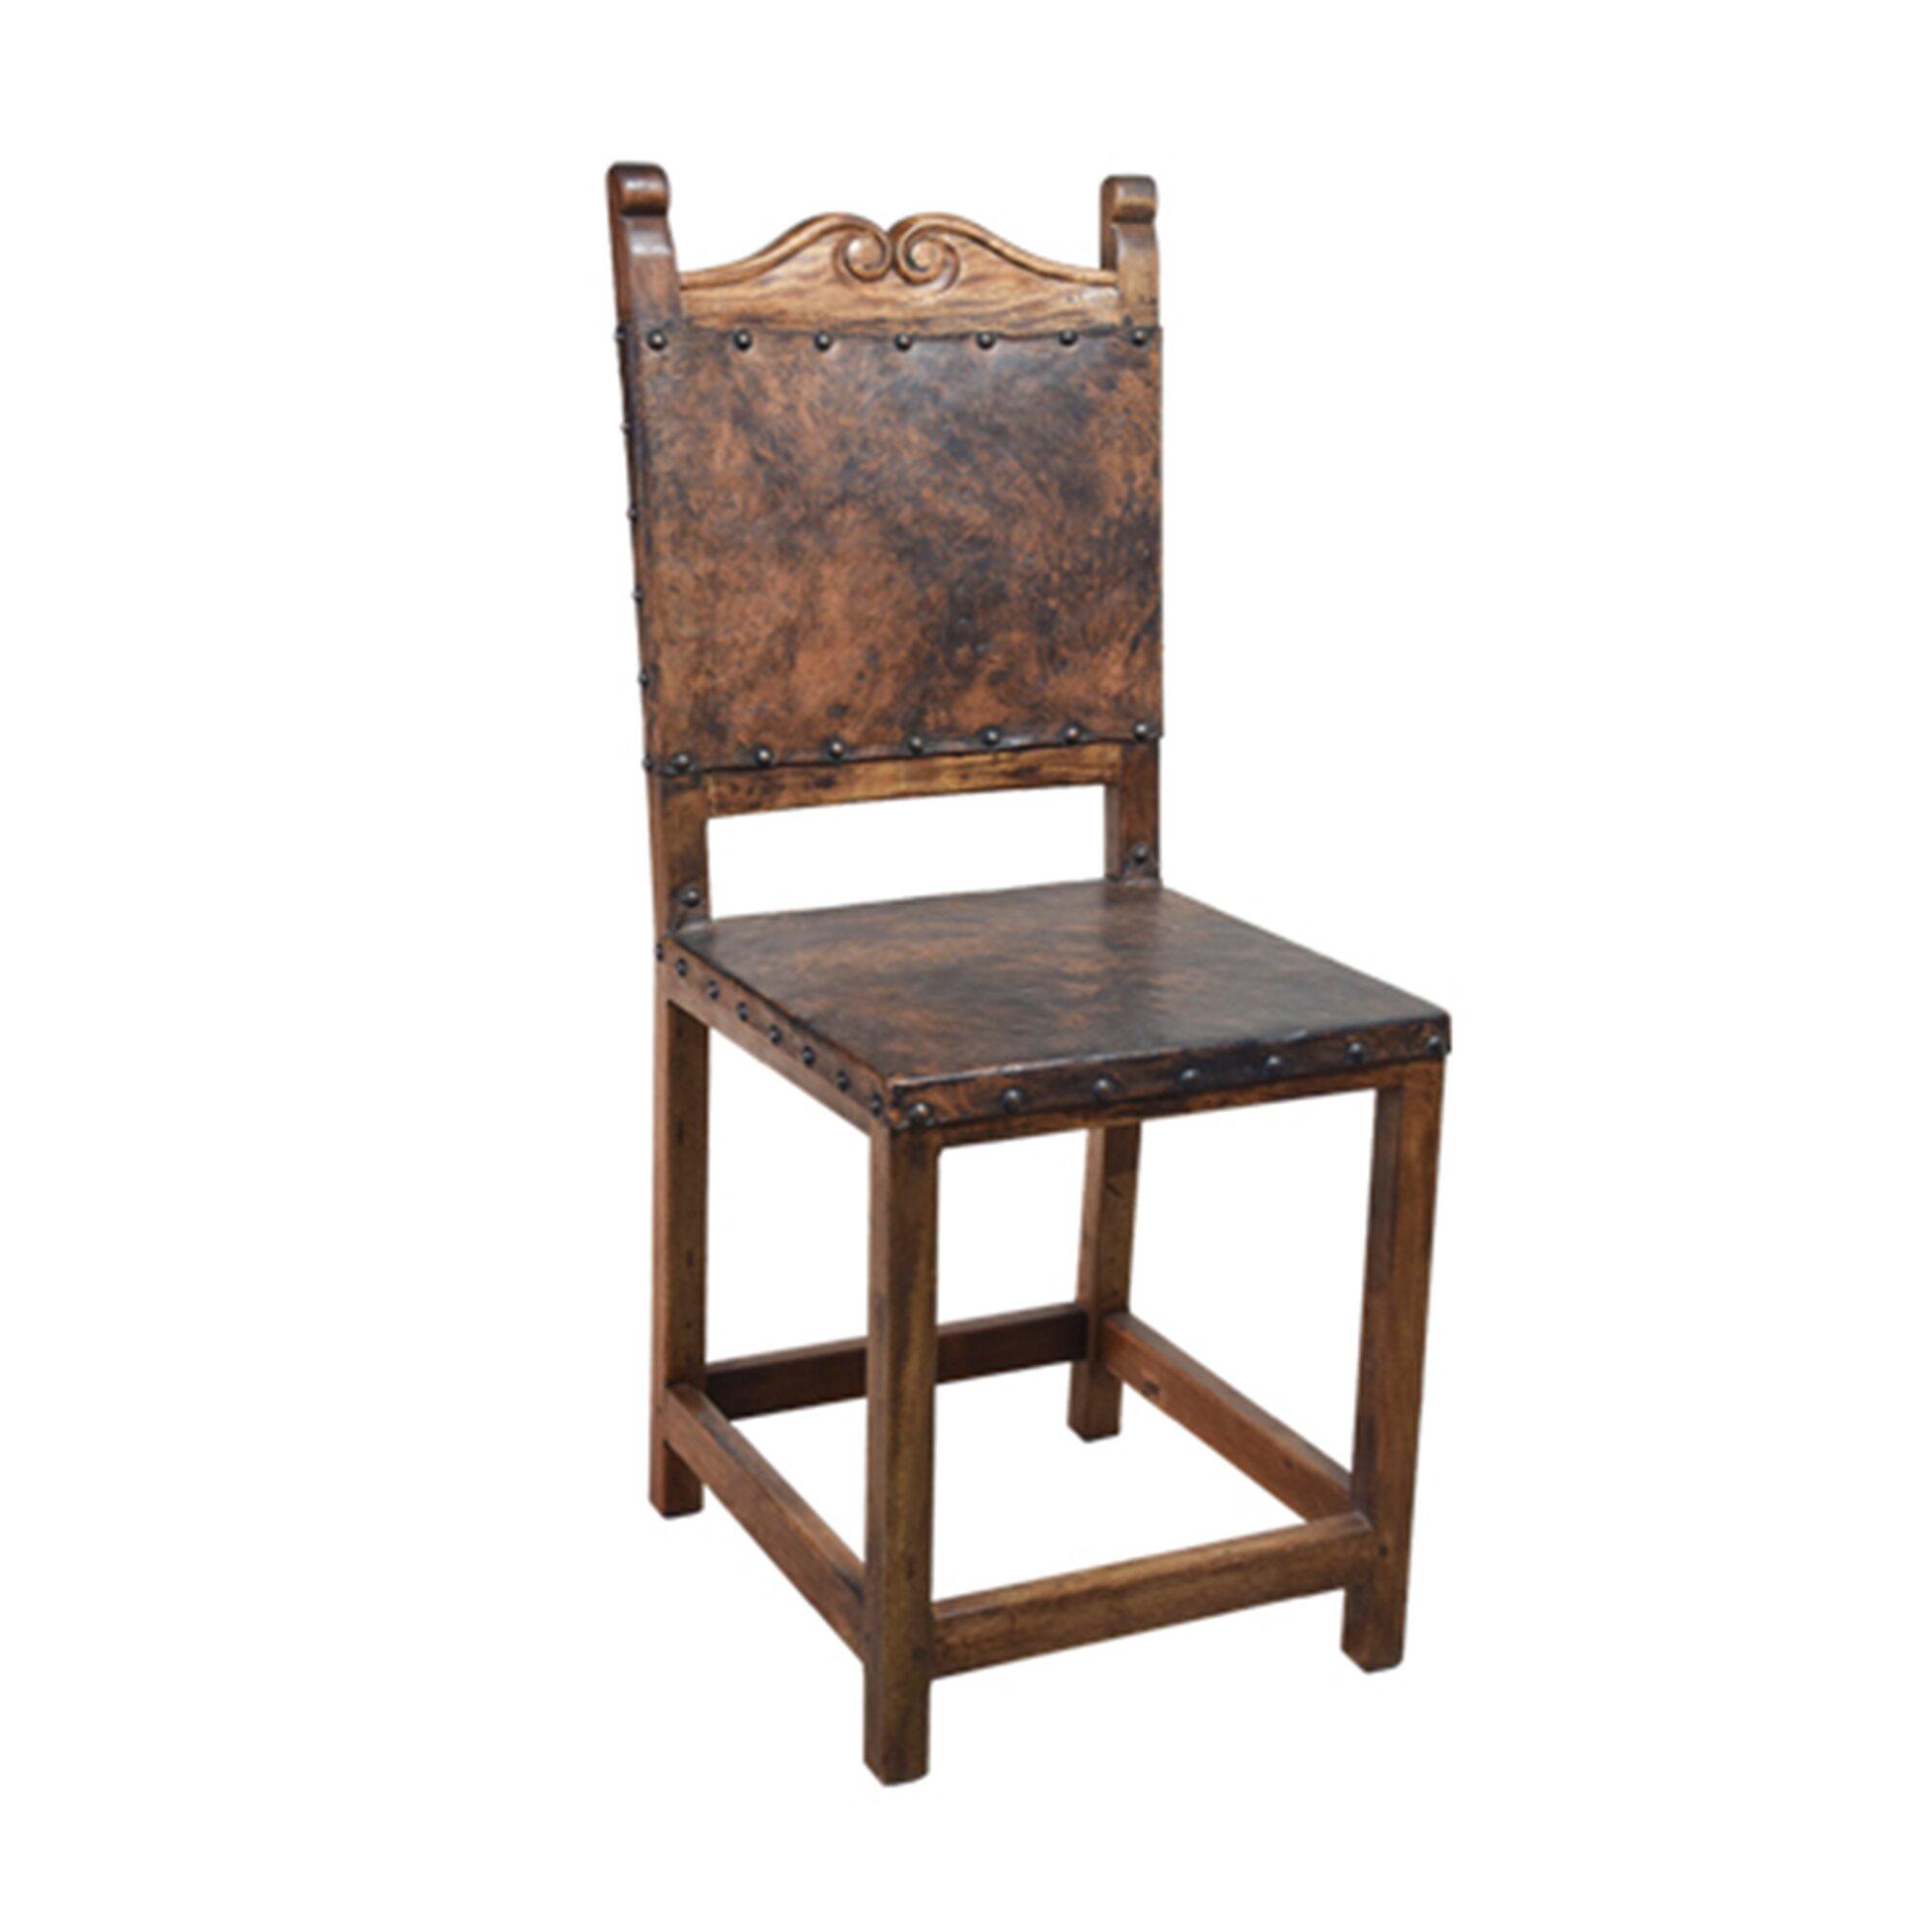 Artesano home decor 24 bar stool reviews wayfair for Home decor 24